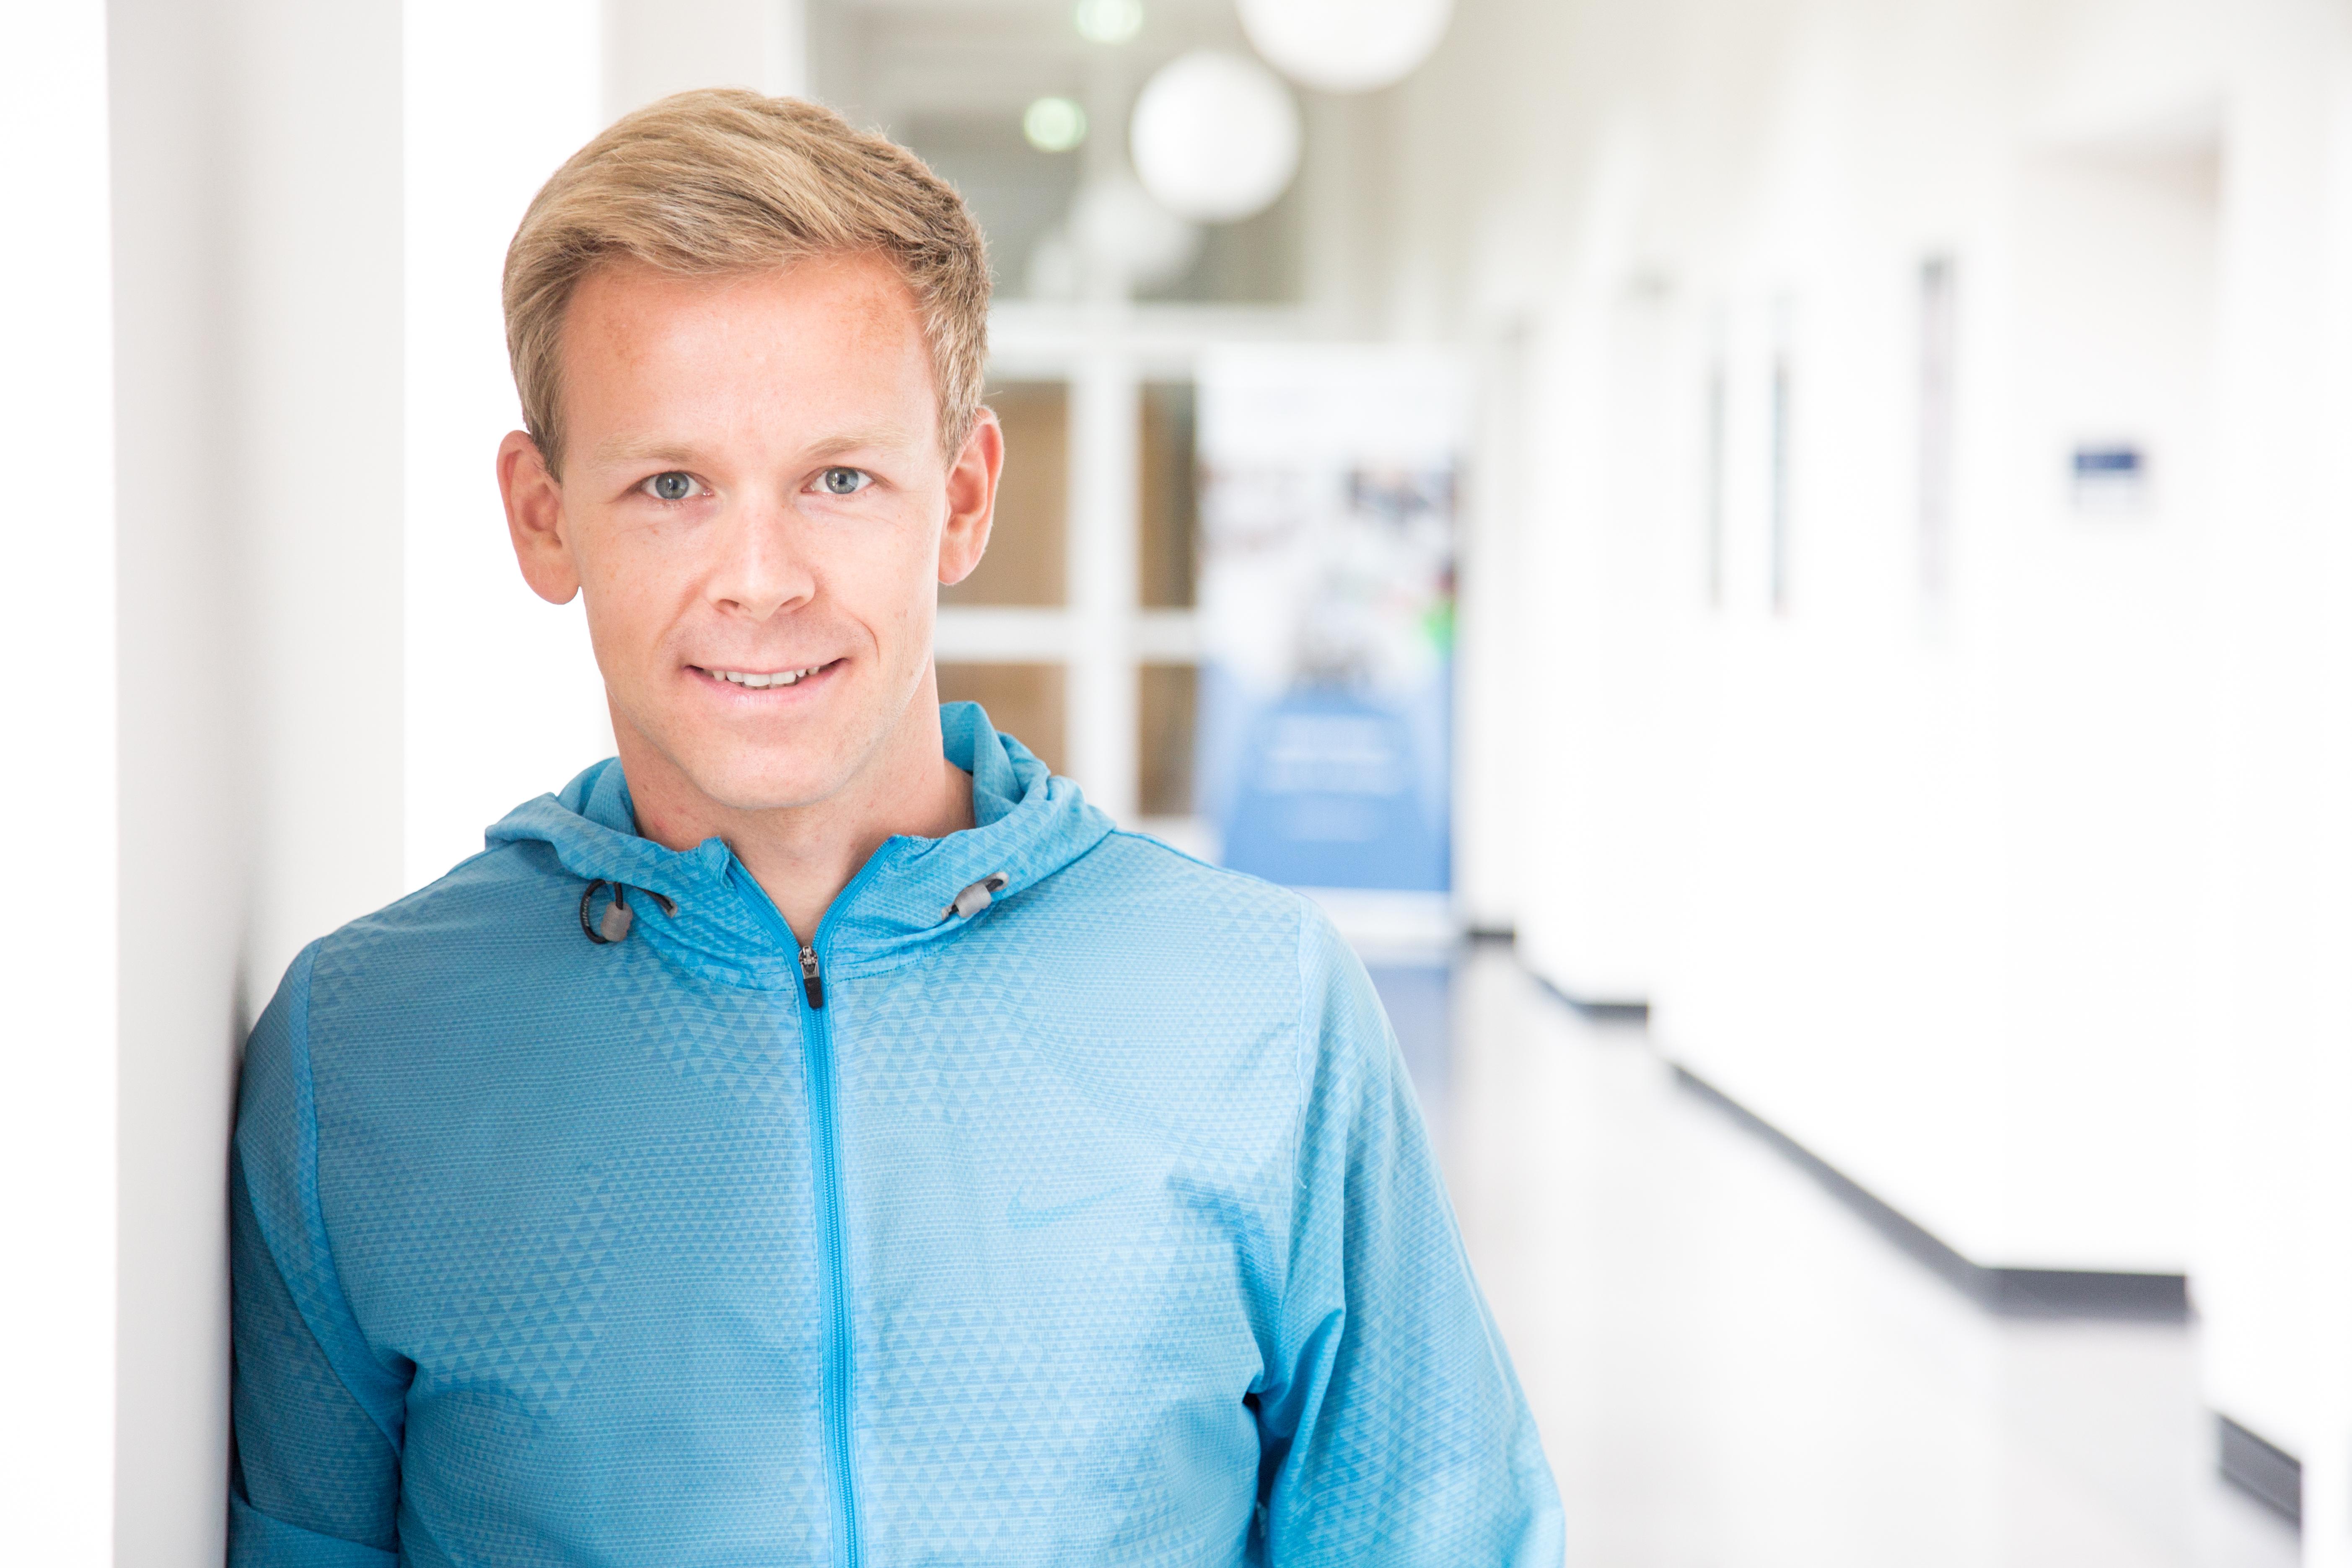 Christian Gierschner